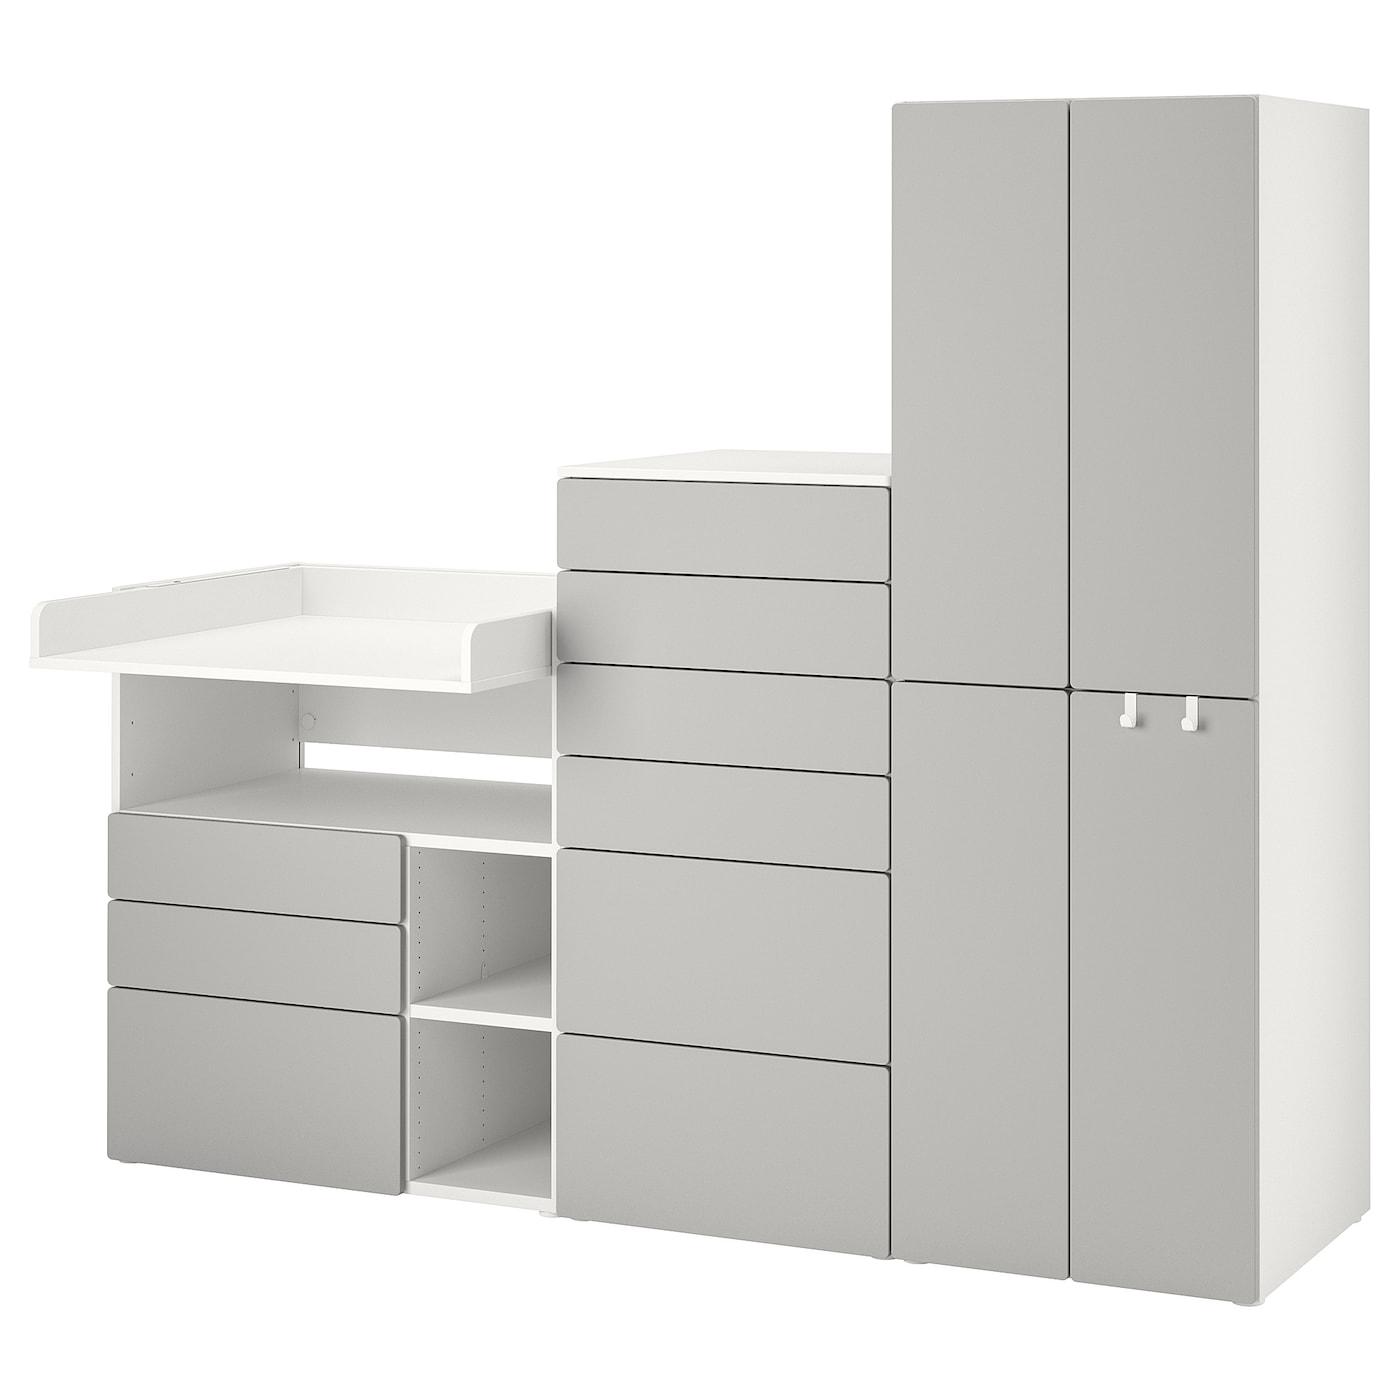 SMÅSTAD / PLATSA Combinaison de rangement - blanc gris/avec table à langer - IKEA